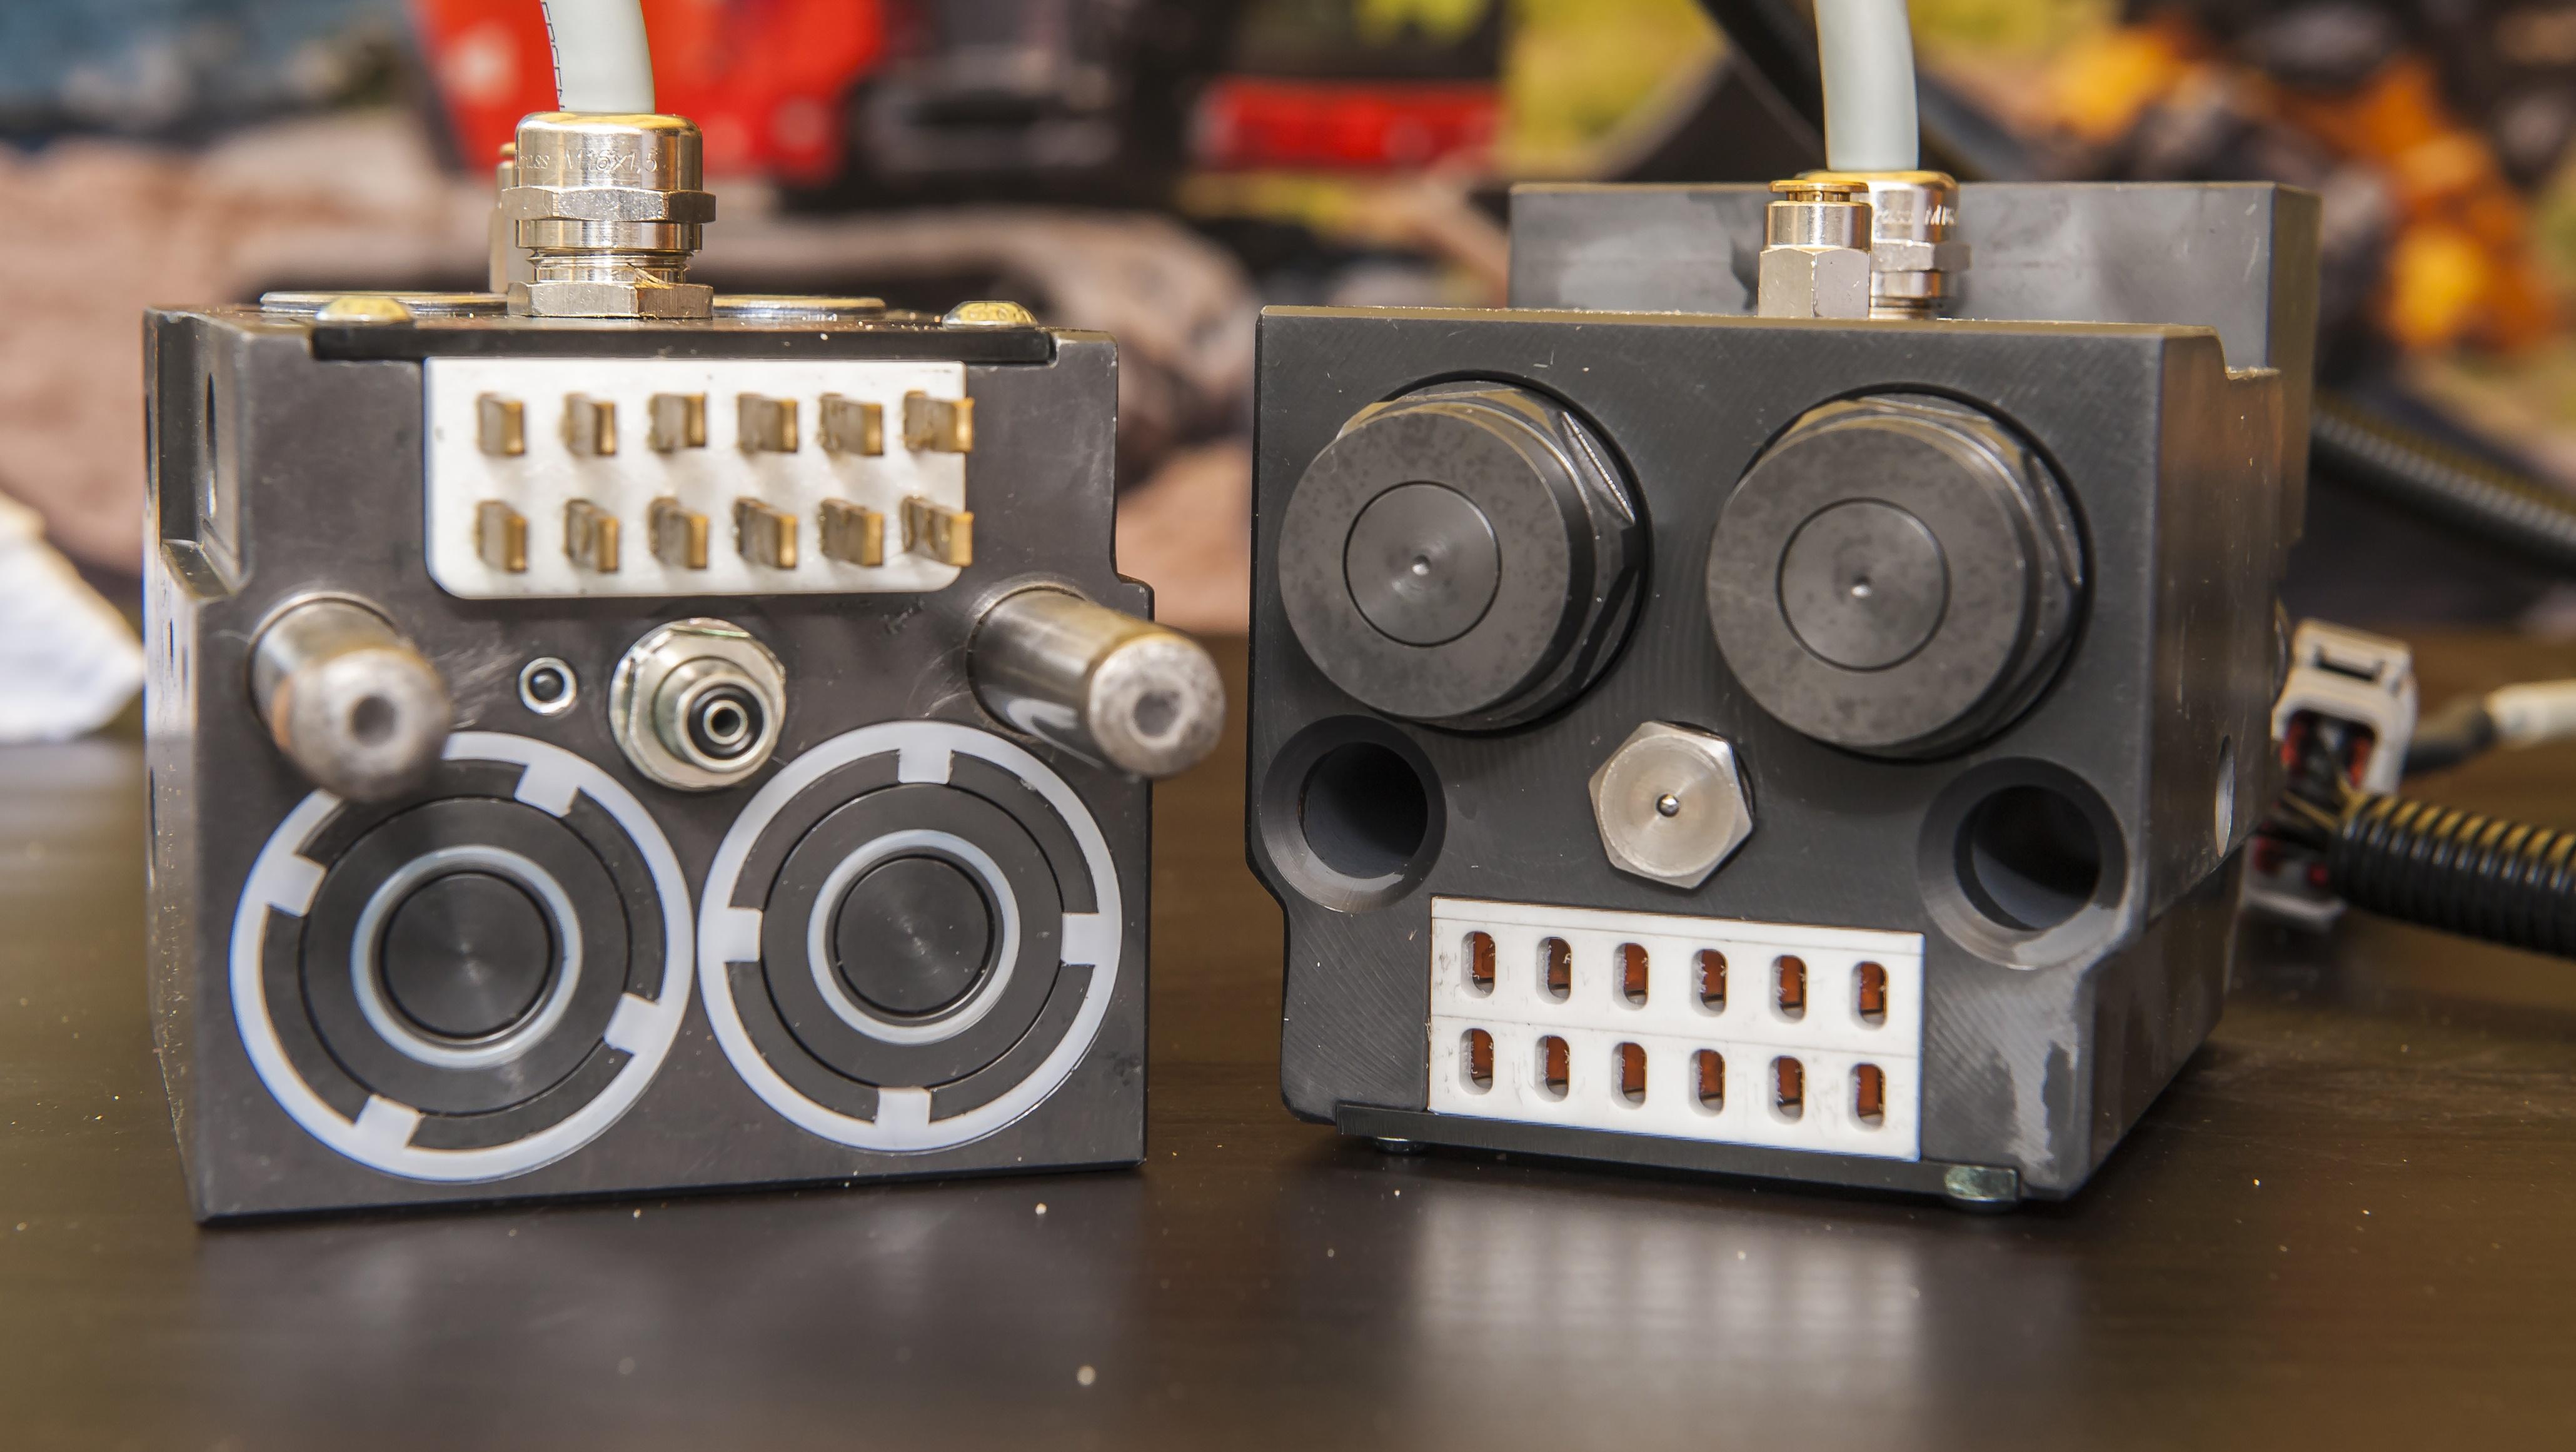 <p>Het compacte standaardblok van Engcon's EC-Oil bestaat uit twee hydrauliekaansluitingen, een elektrisch contact en een koppeling voor de centrale vetsmering.</p>